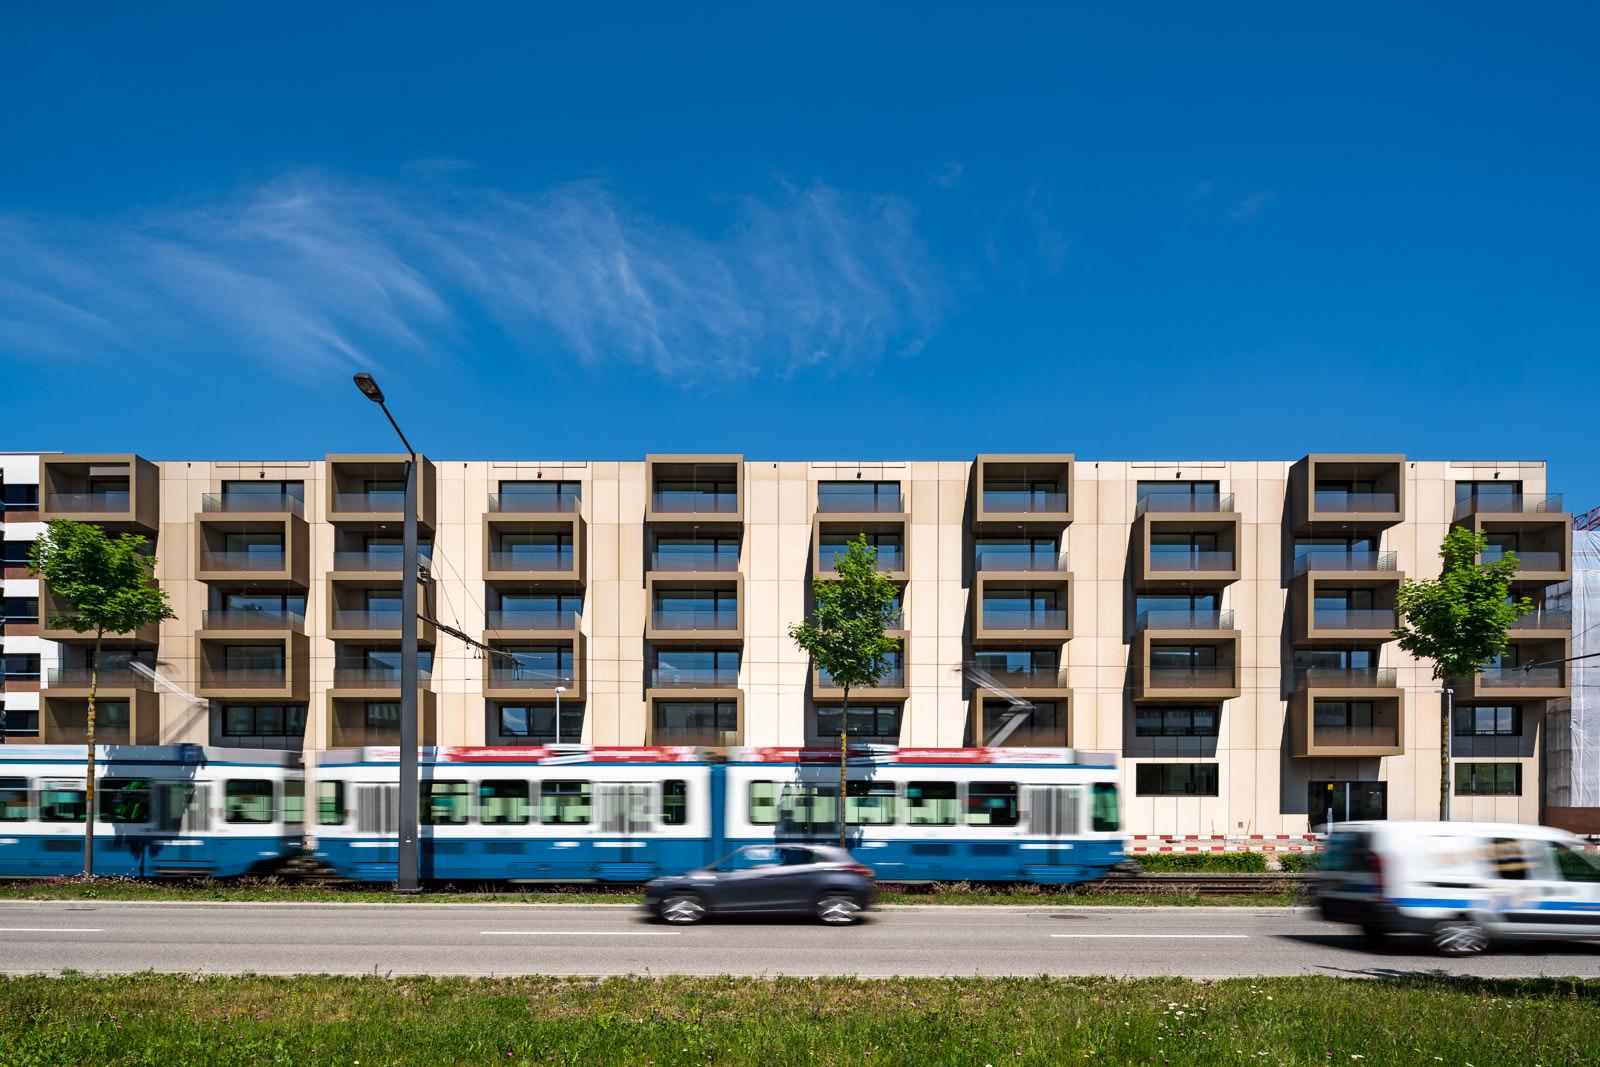 Immobilien- und Architekturfotografie